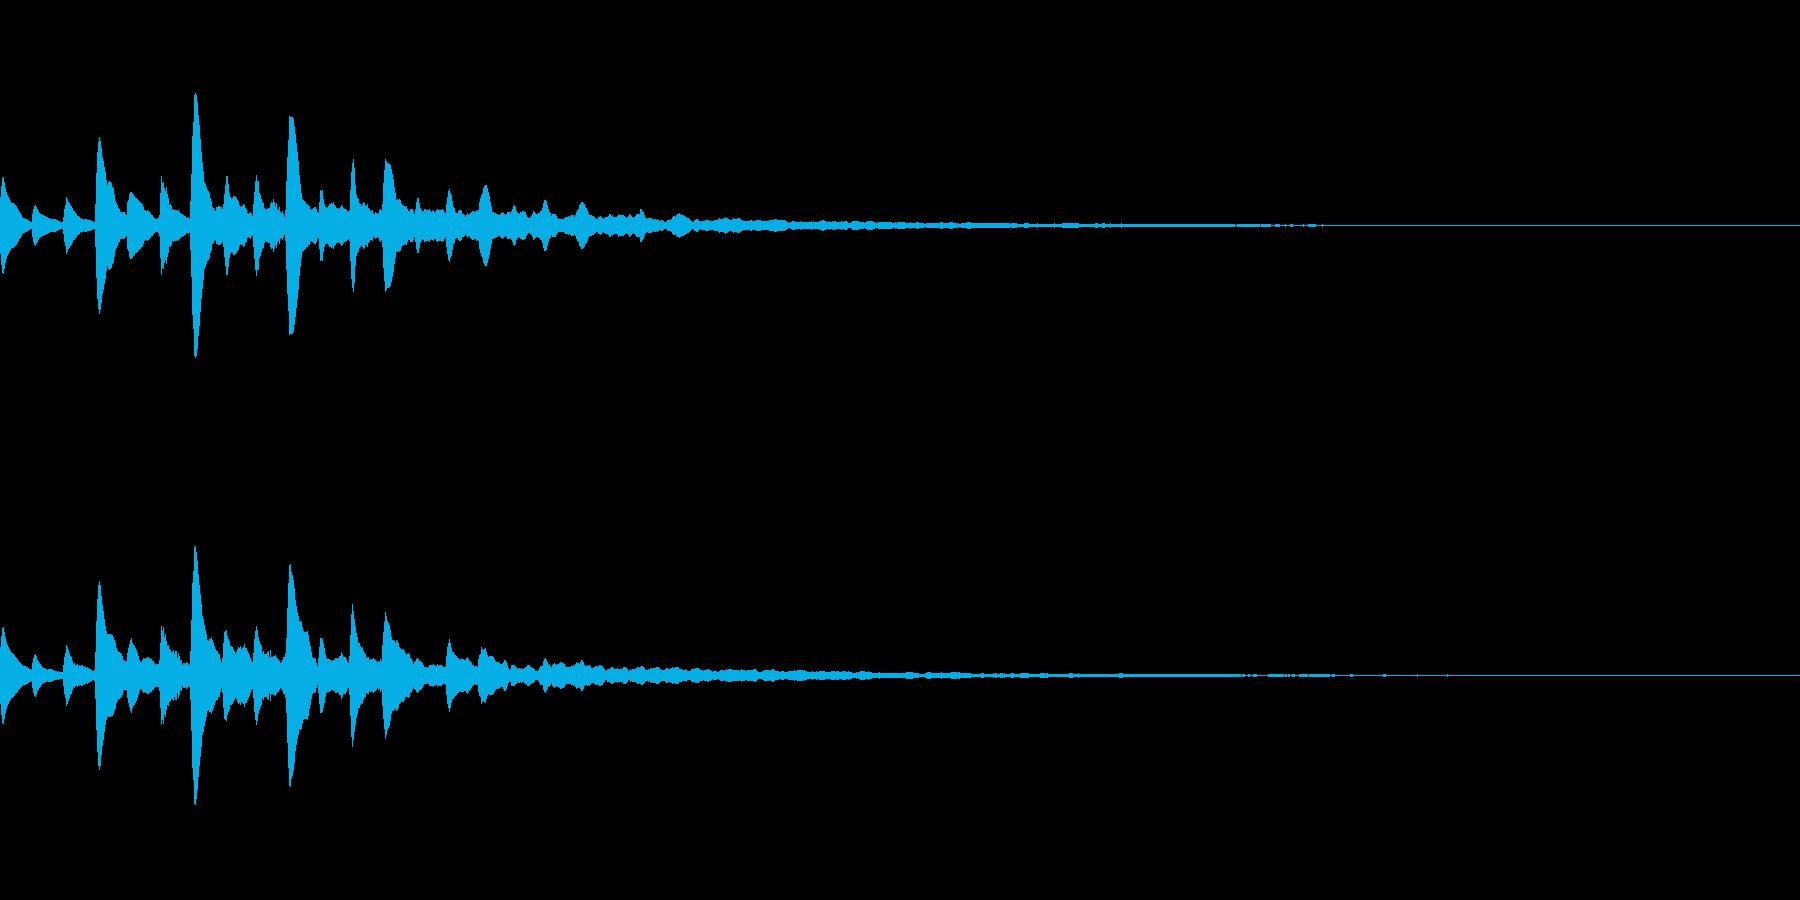 宇宙っぽいサウンドロゴ01の再生済みの波形